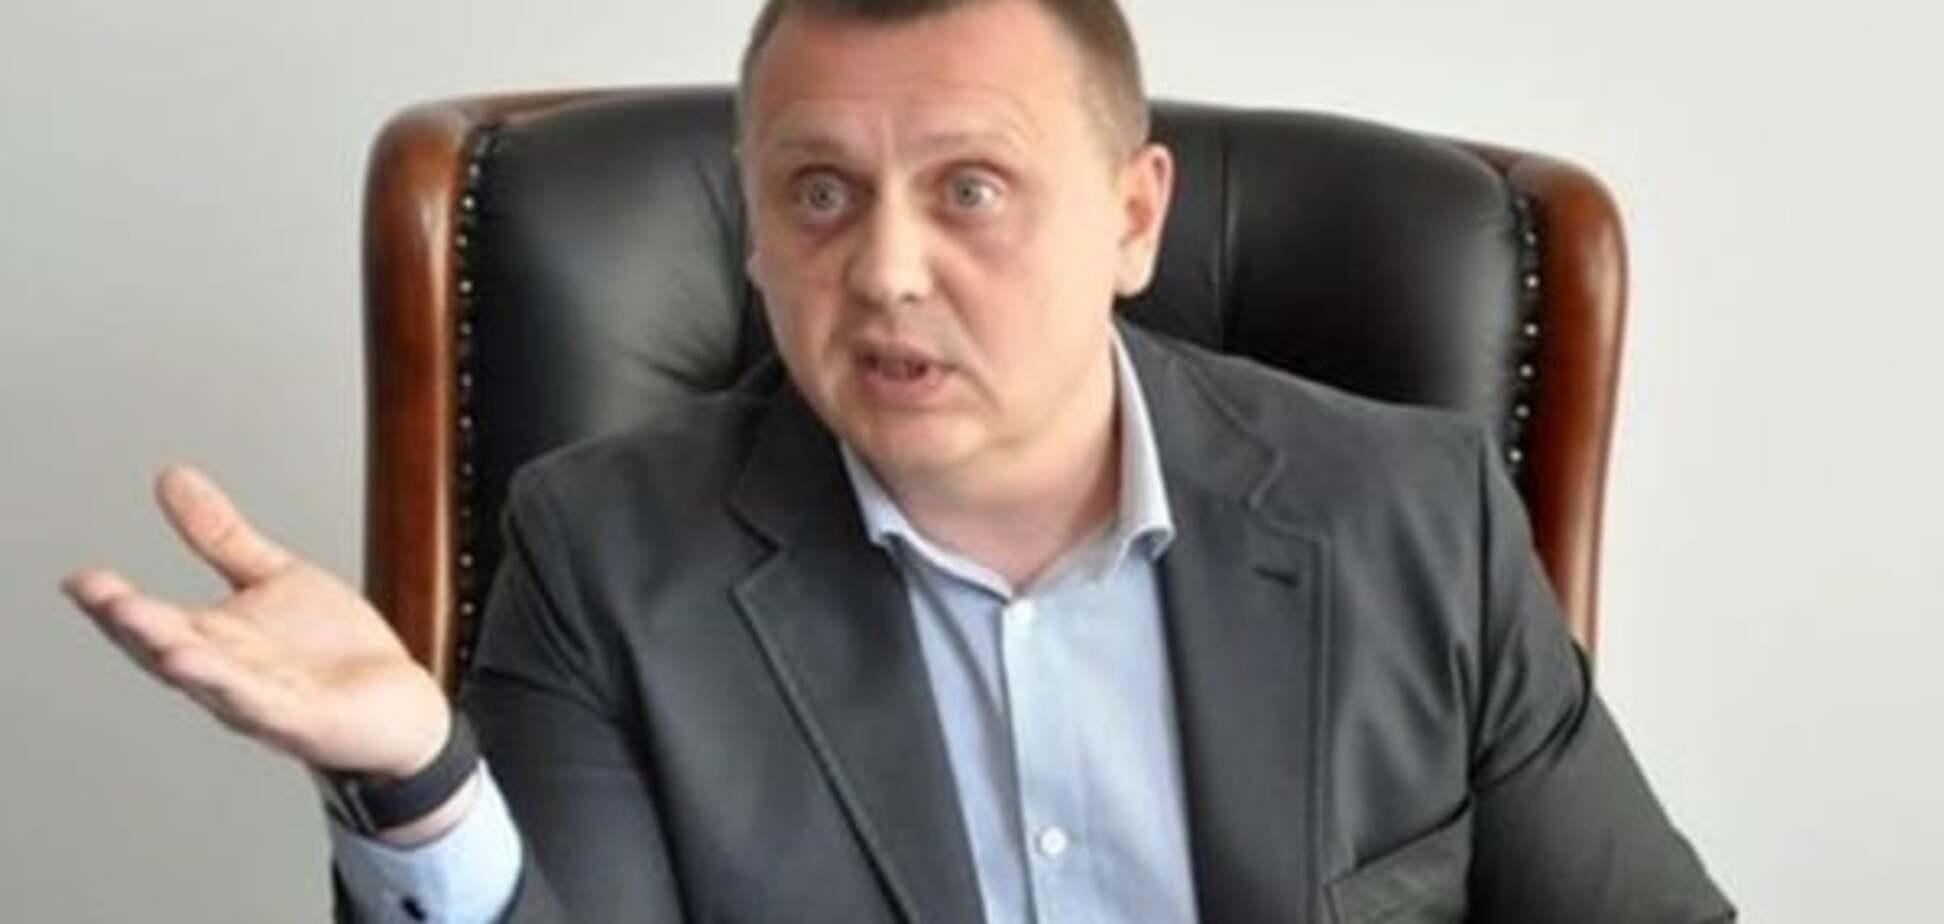 Взяточник из ВСЮ Гречковский не пришел на заседание совета